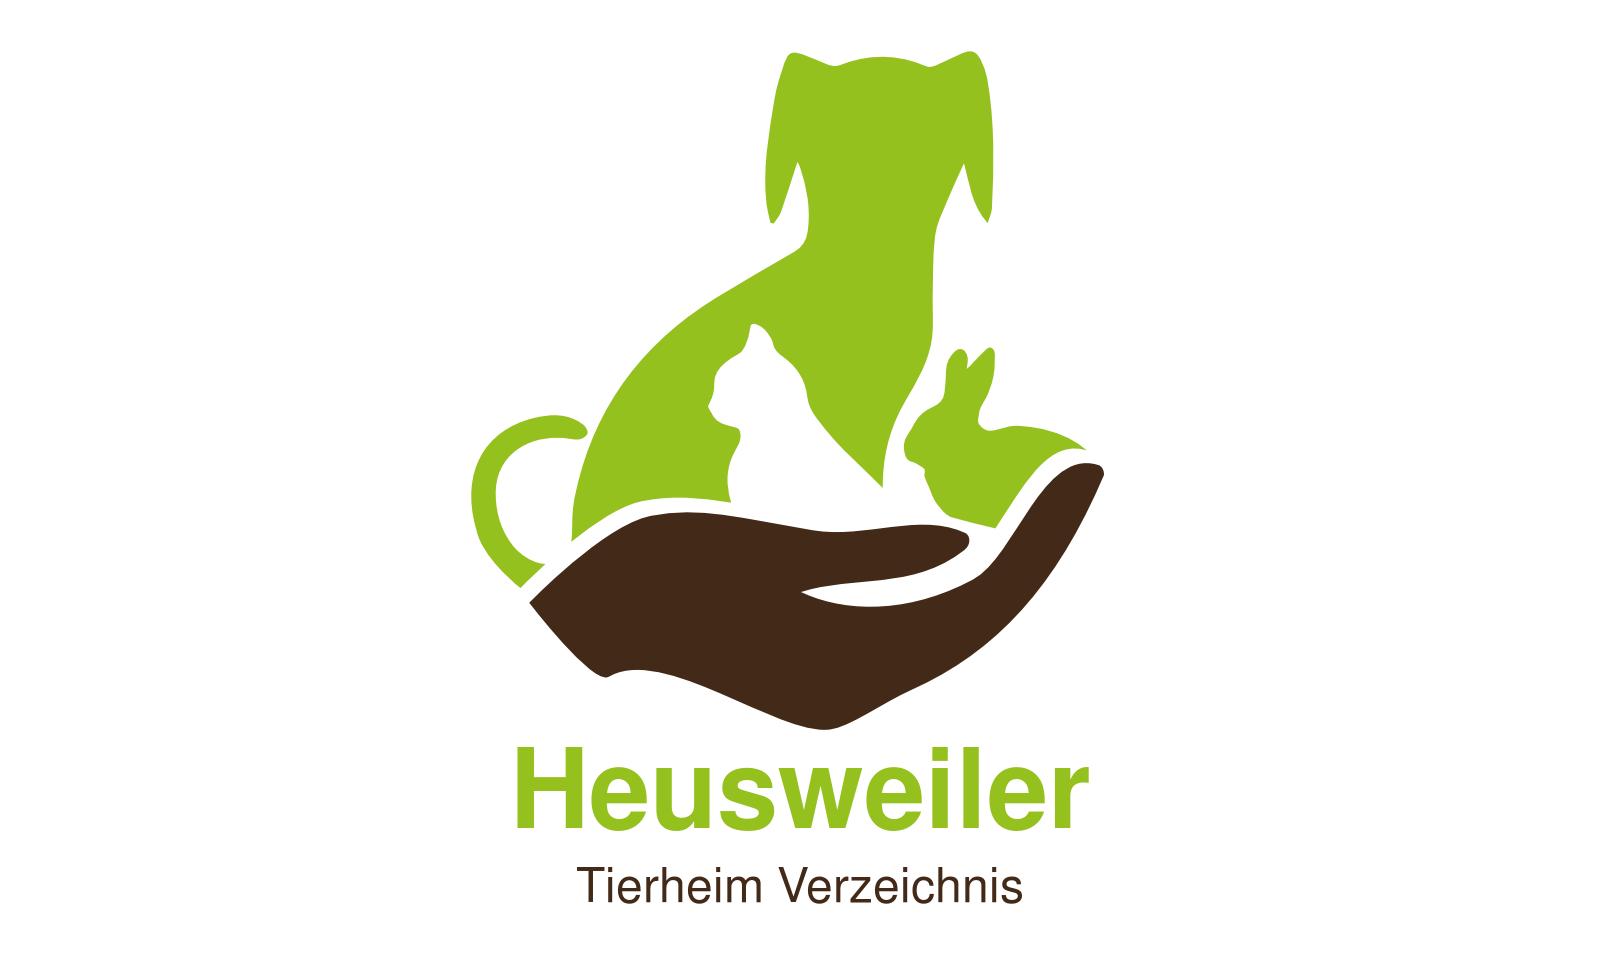 Tierheim Heusweiler